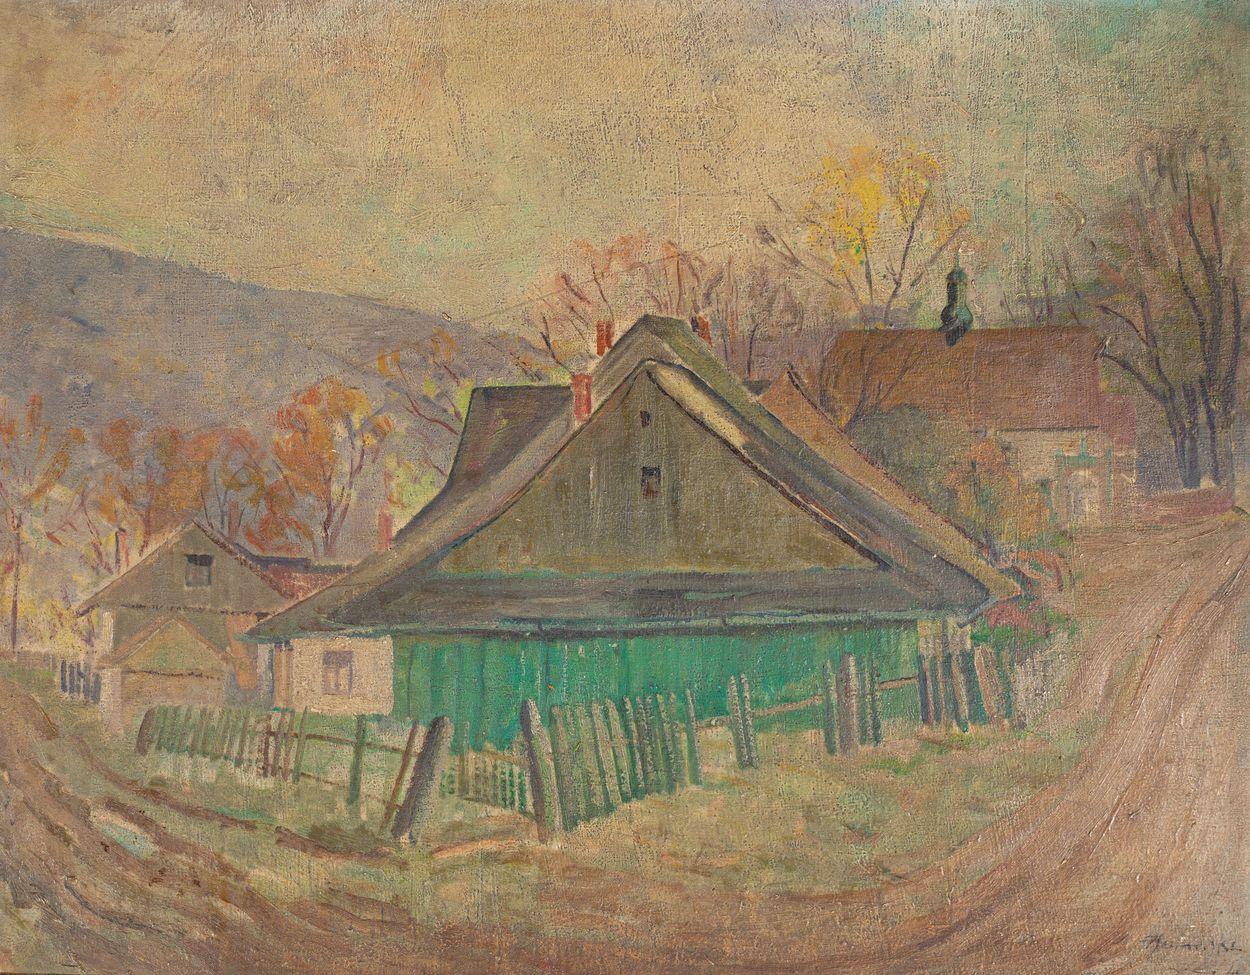 PEJZAŻ WIEJSKI, 1946